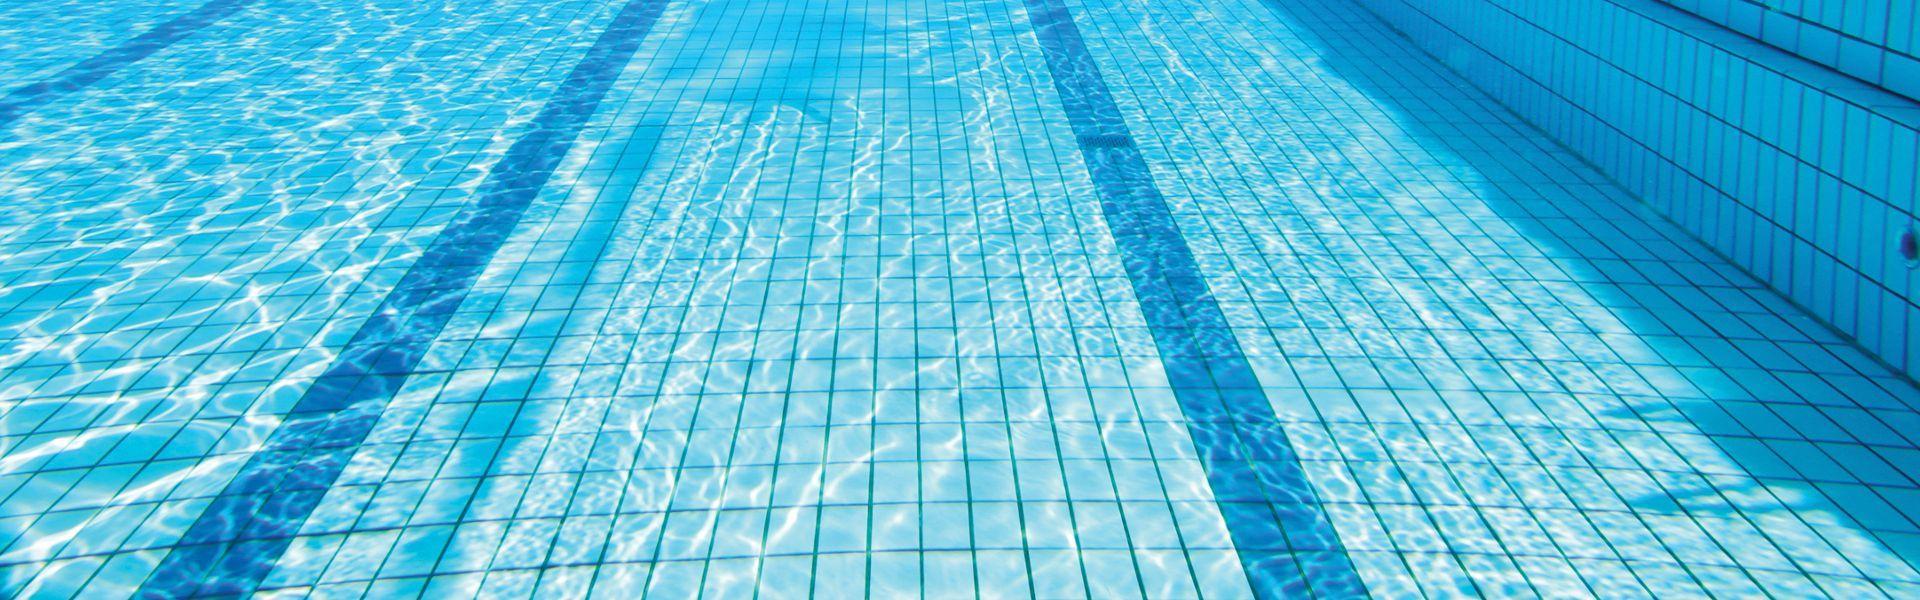 Detecci n de fugas en piscinas rey tuberias desatoros en malaga desde 80 - Deteccion de fugas de agua en piscinas ...